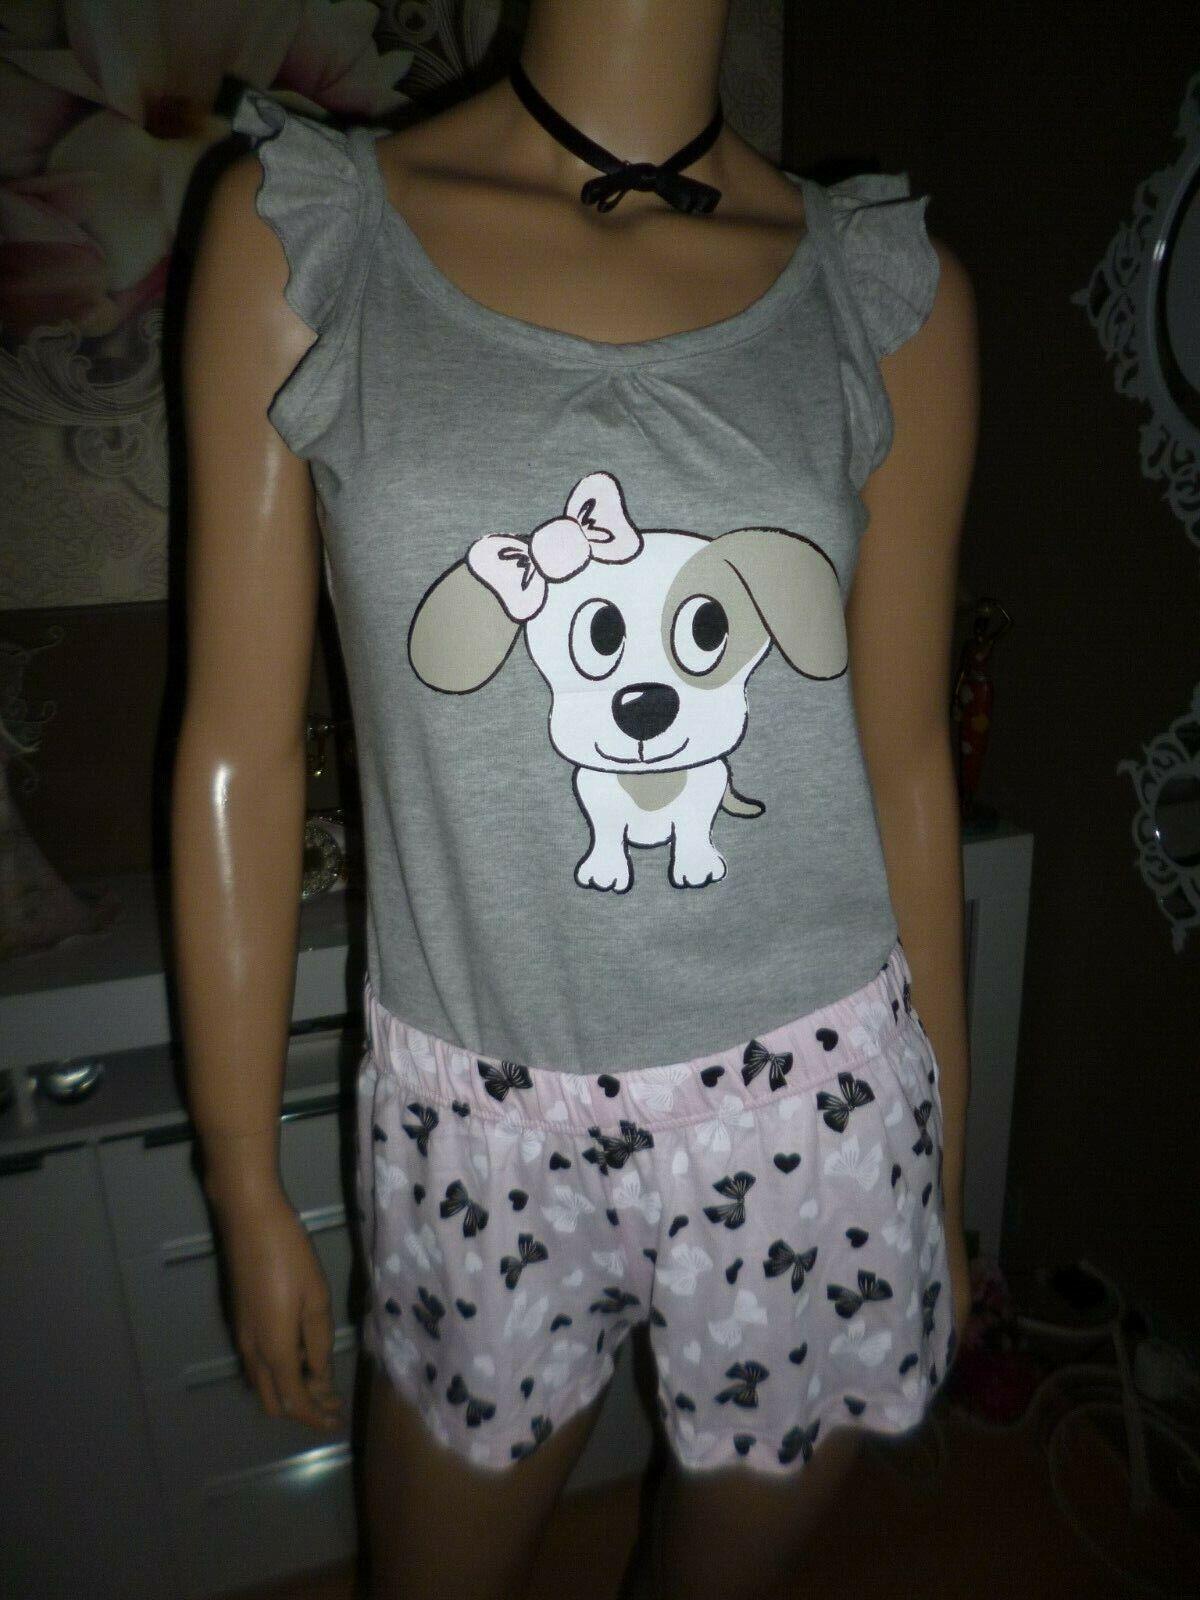 Schlafanzug+Sets Kurz Hose Süße Hund Motiv Uni mit Schleifen Design Gr. M NEU